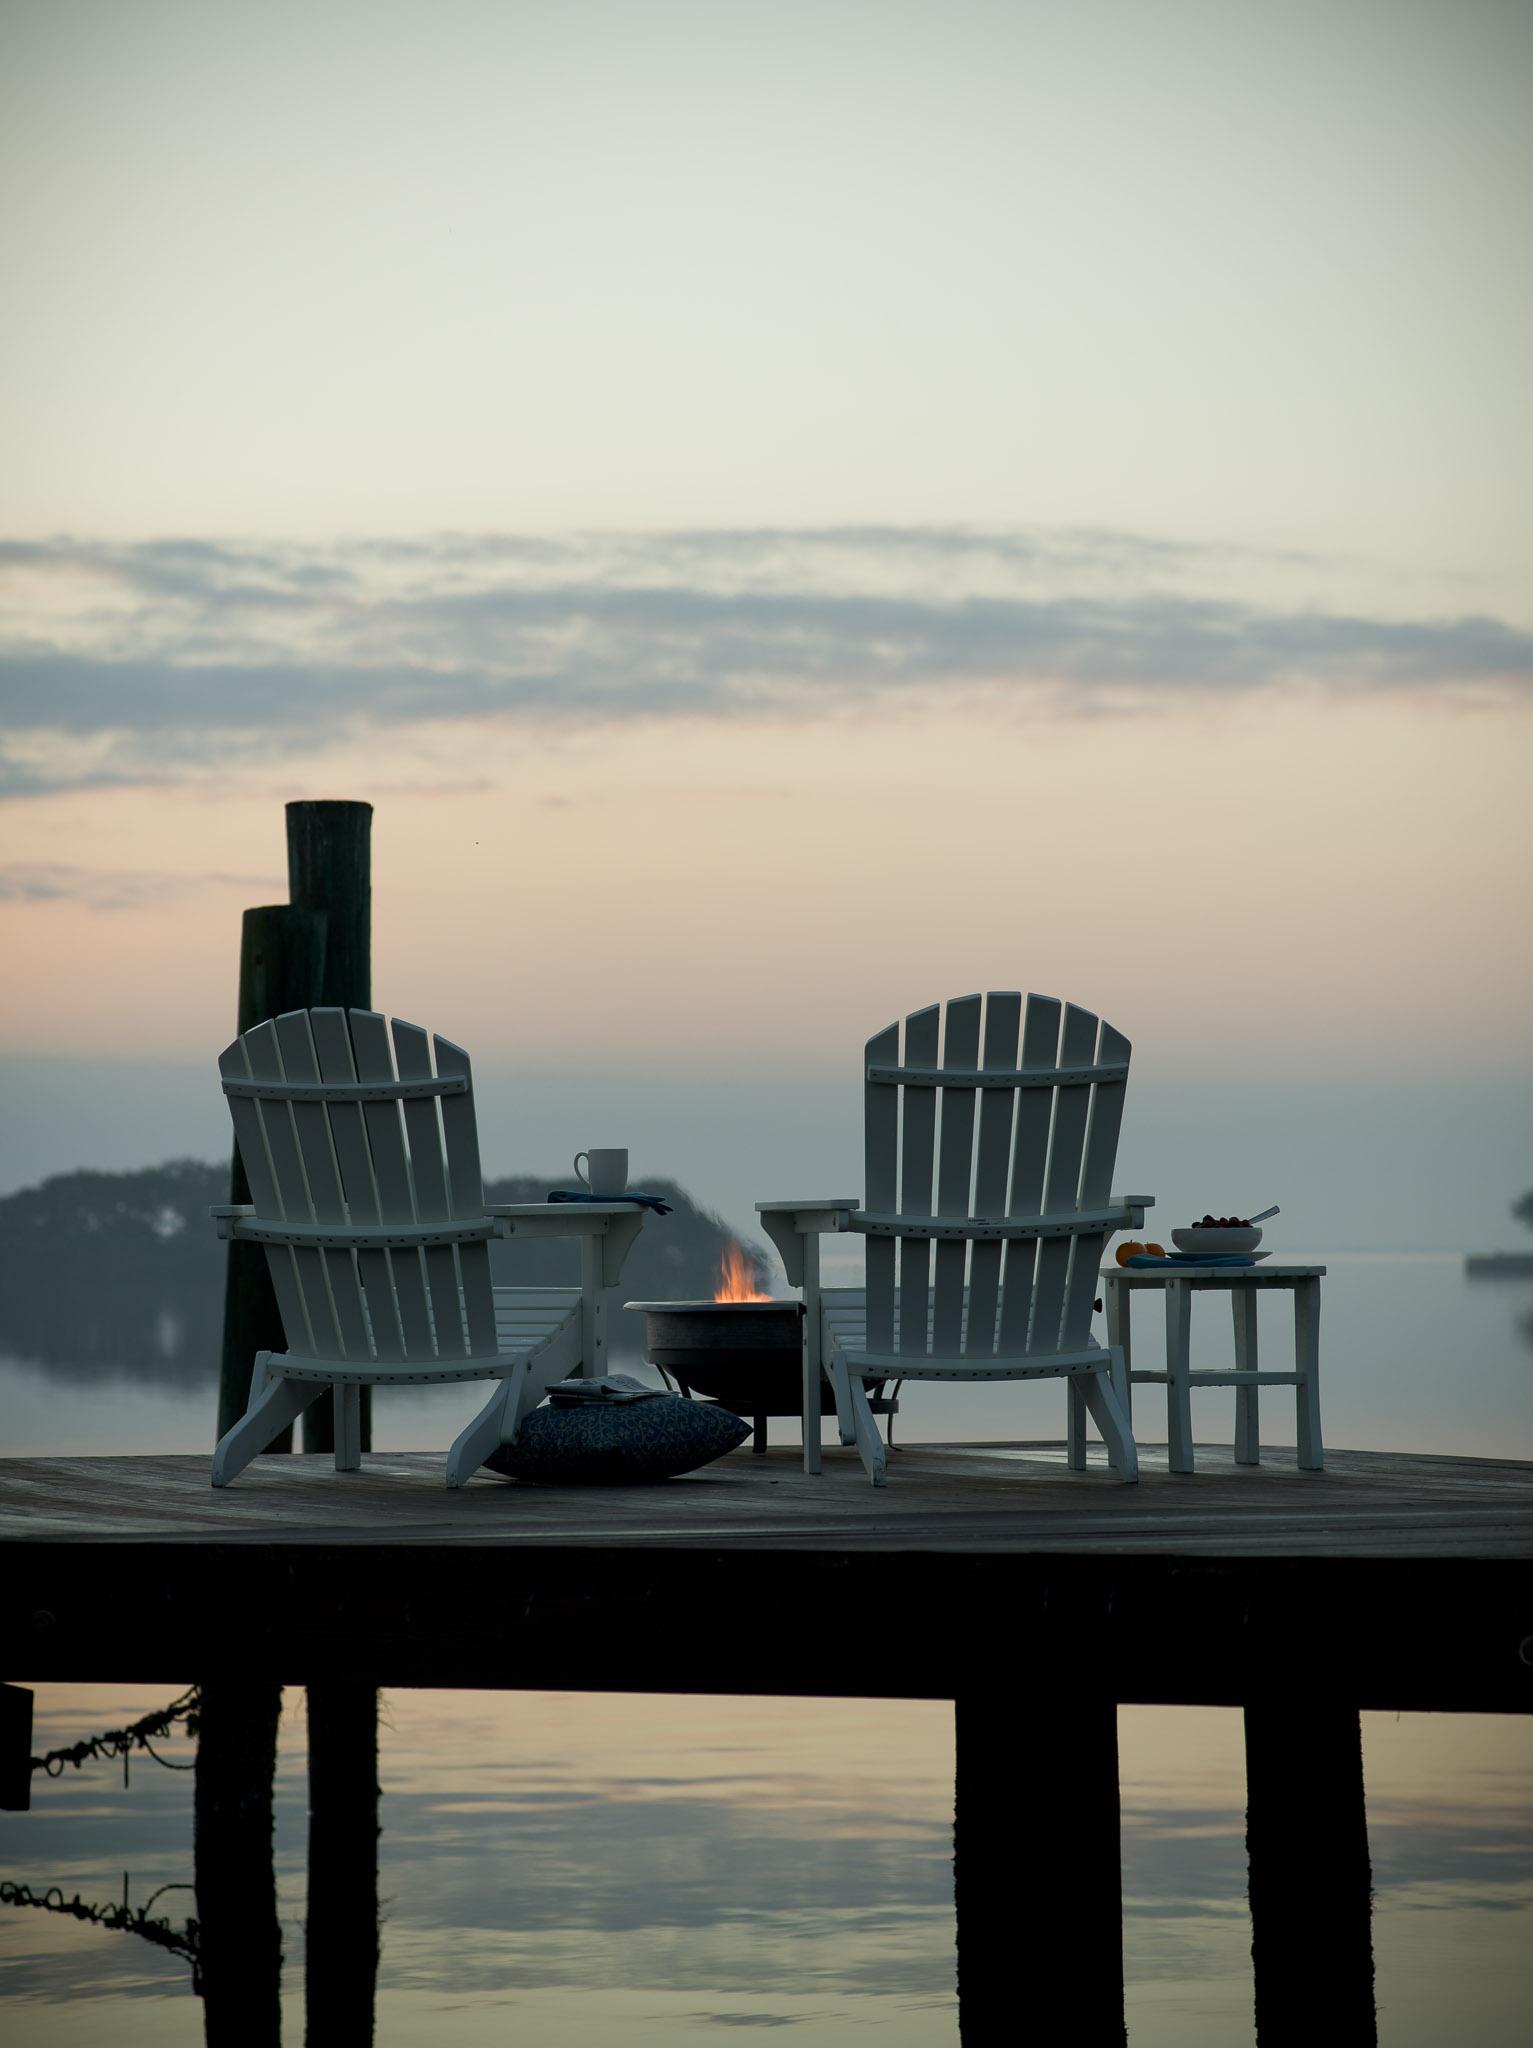 Sunrise_Adirondack_Chairs_03.jpg